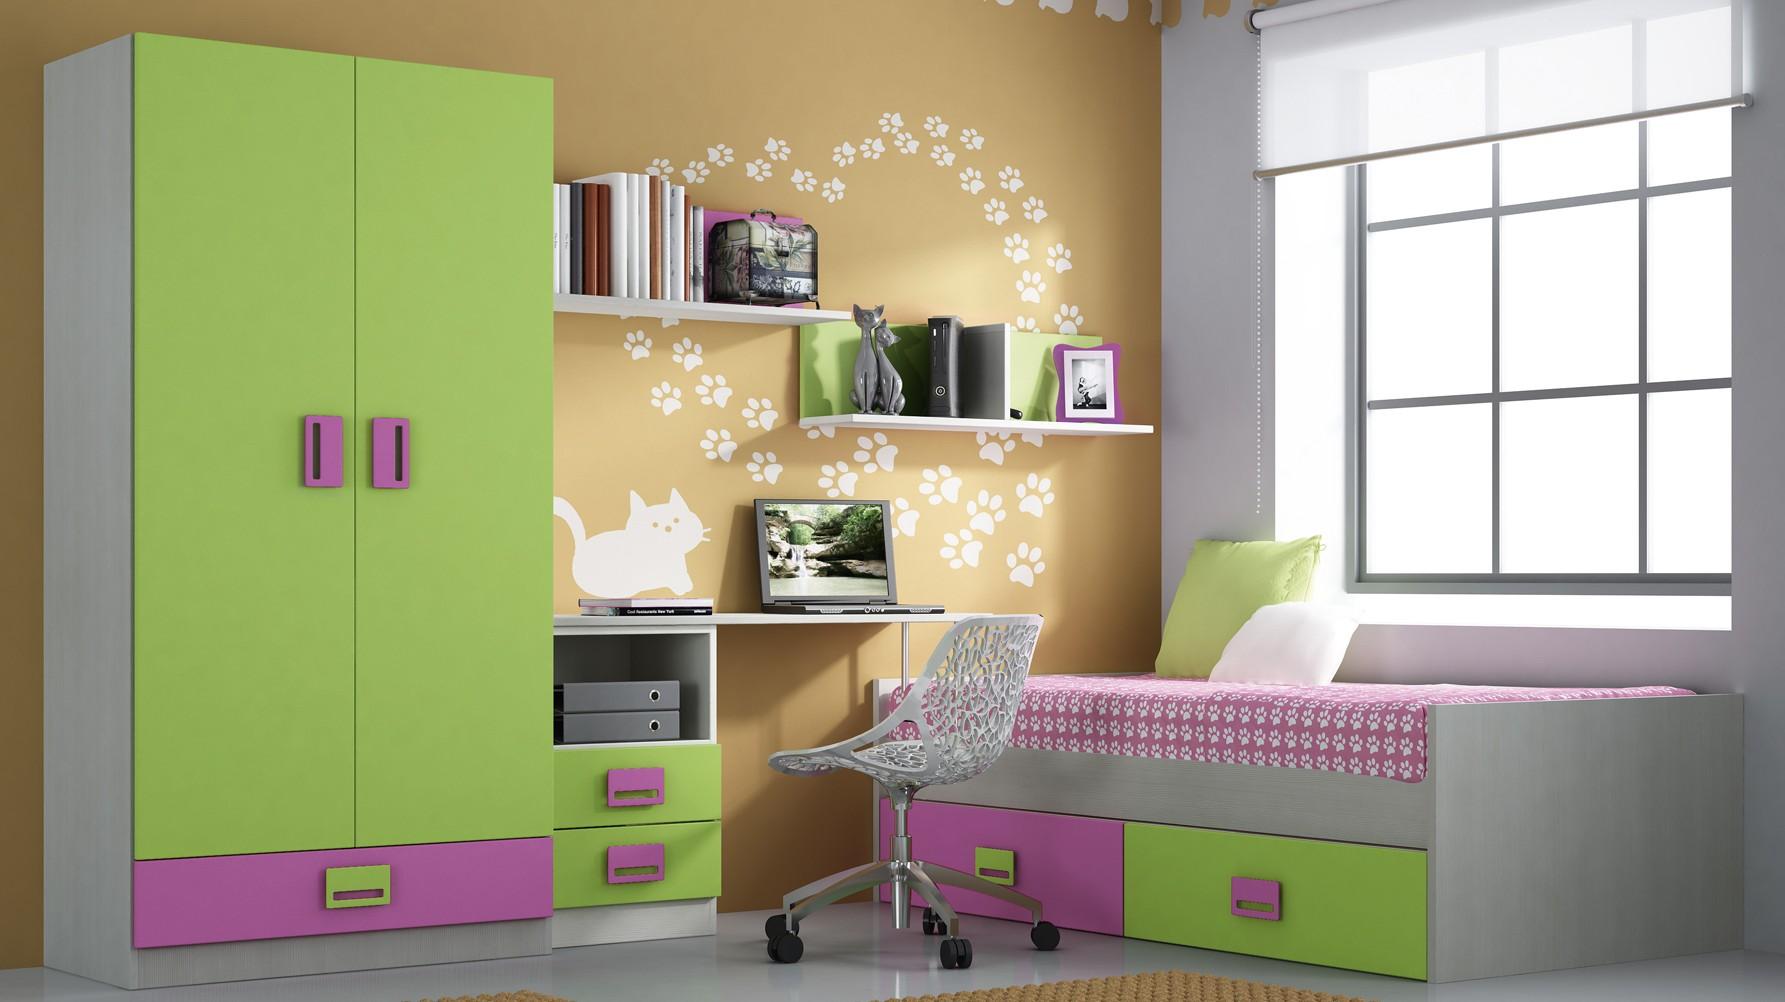 Dormitorios juveniles baratos villalba elefante blanco - Dormitorios juveniles baratos merkamueble ...